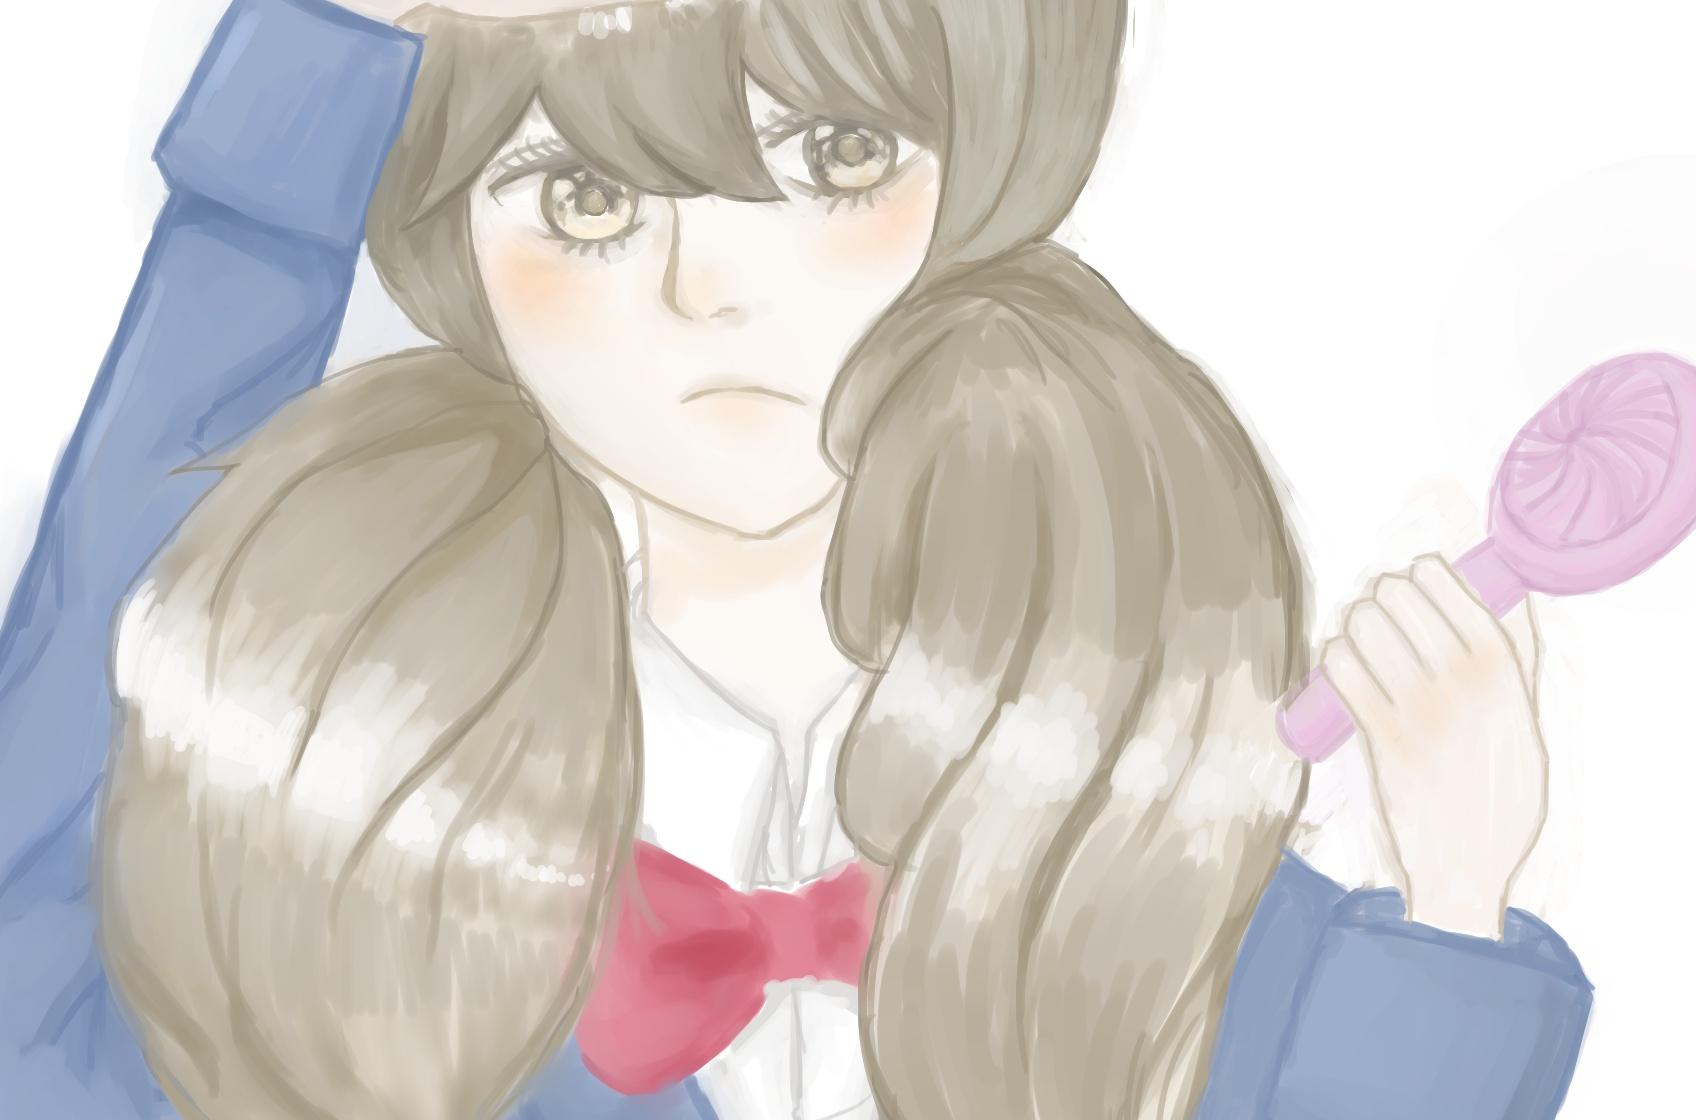 너에게 닿기를 쿠루미자와 우메 그렸습니다!